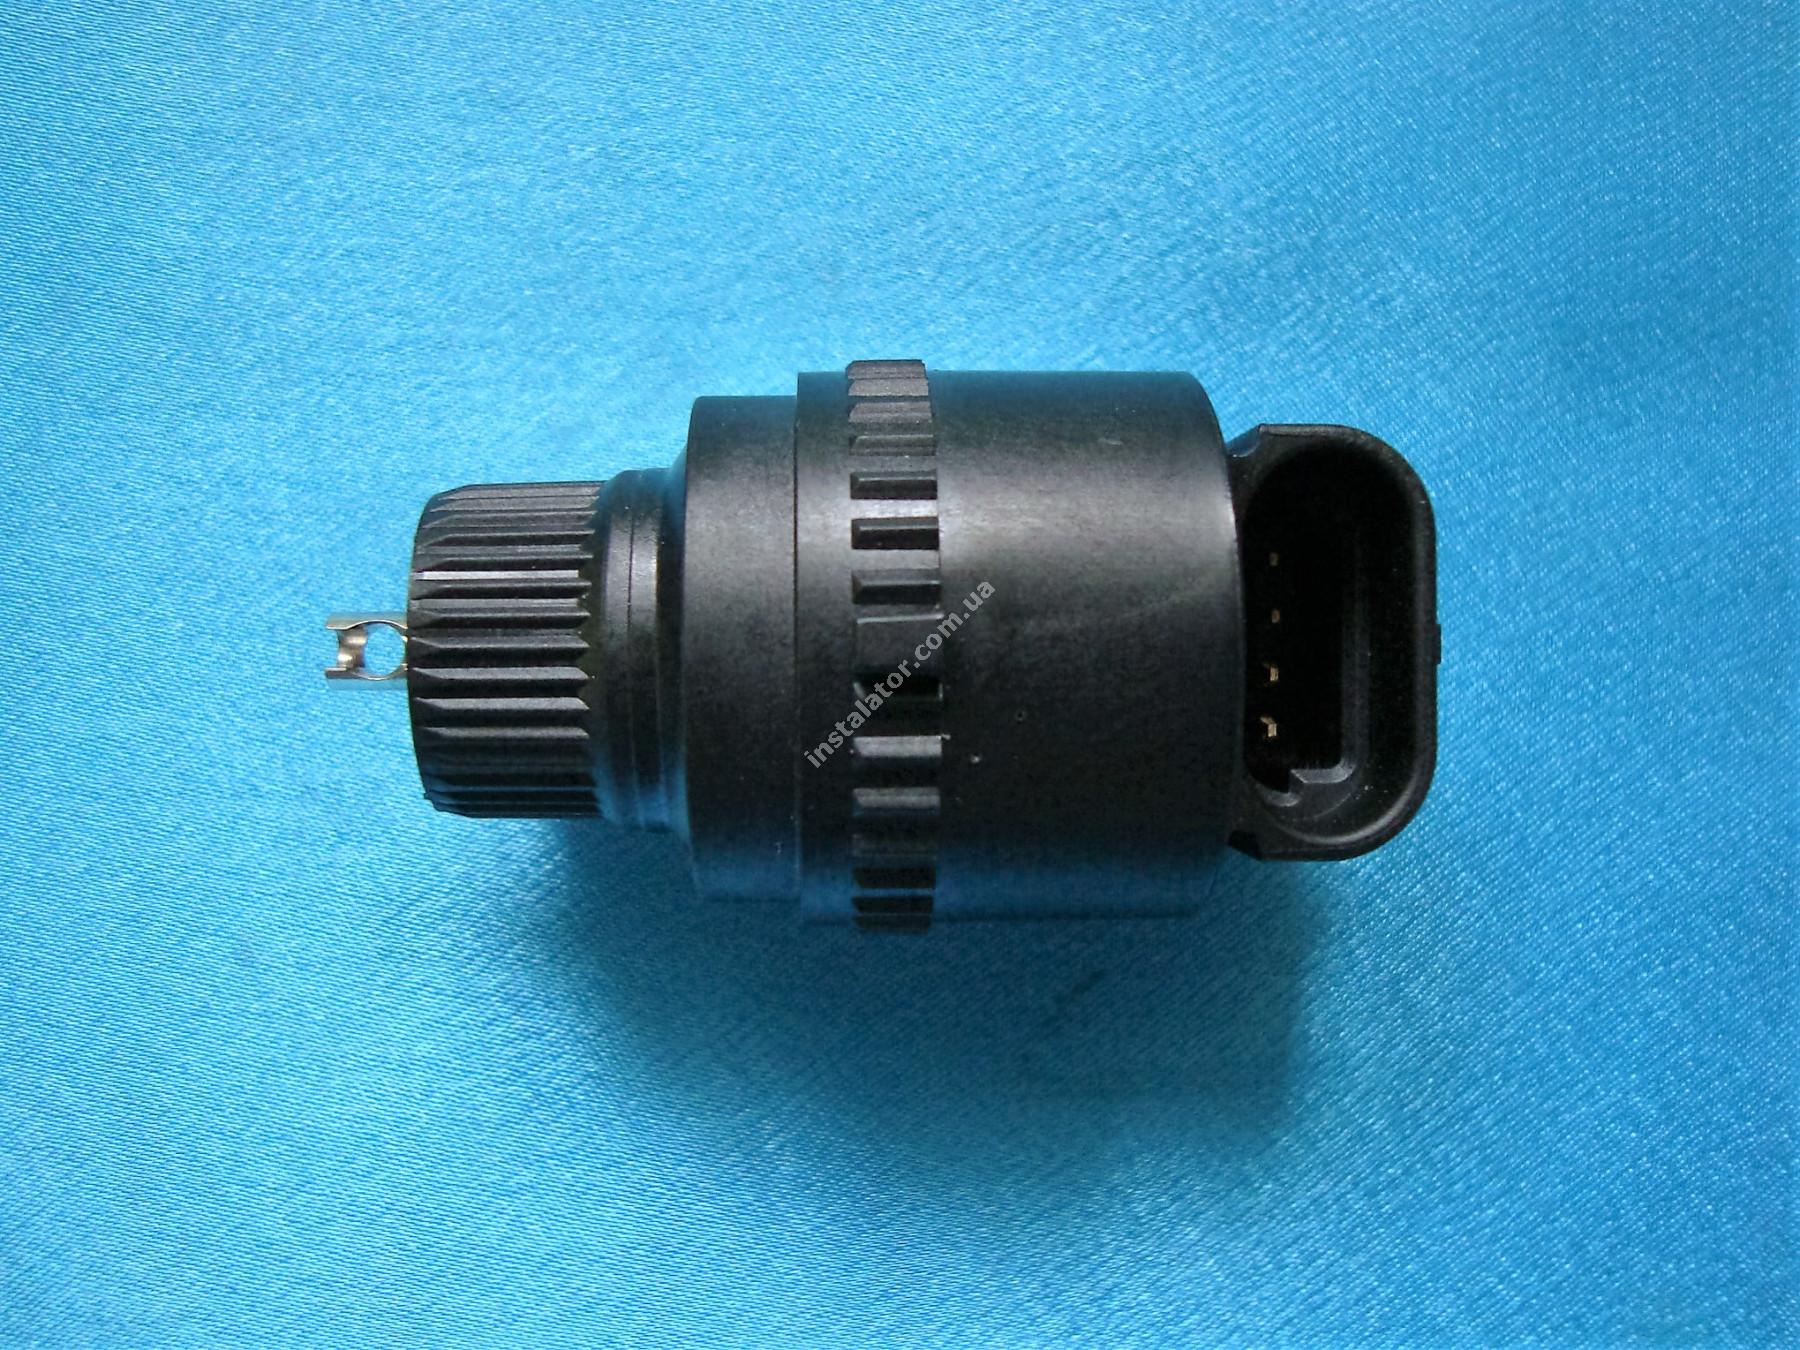 140429 Привід (сервопривід) 3-х ходового клапана VAILLANT TURBOmax, ATMOmax Pro\Plus full-image-0